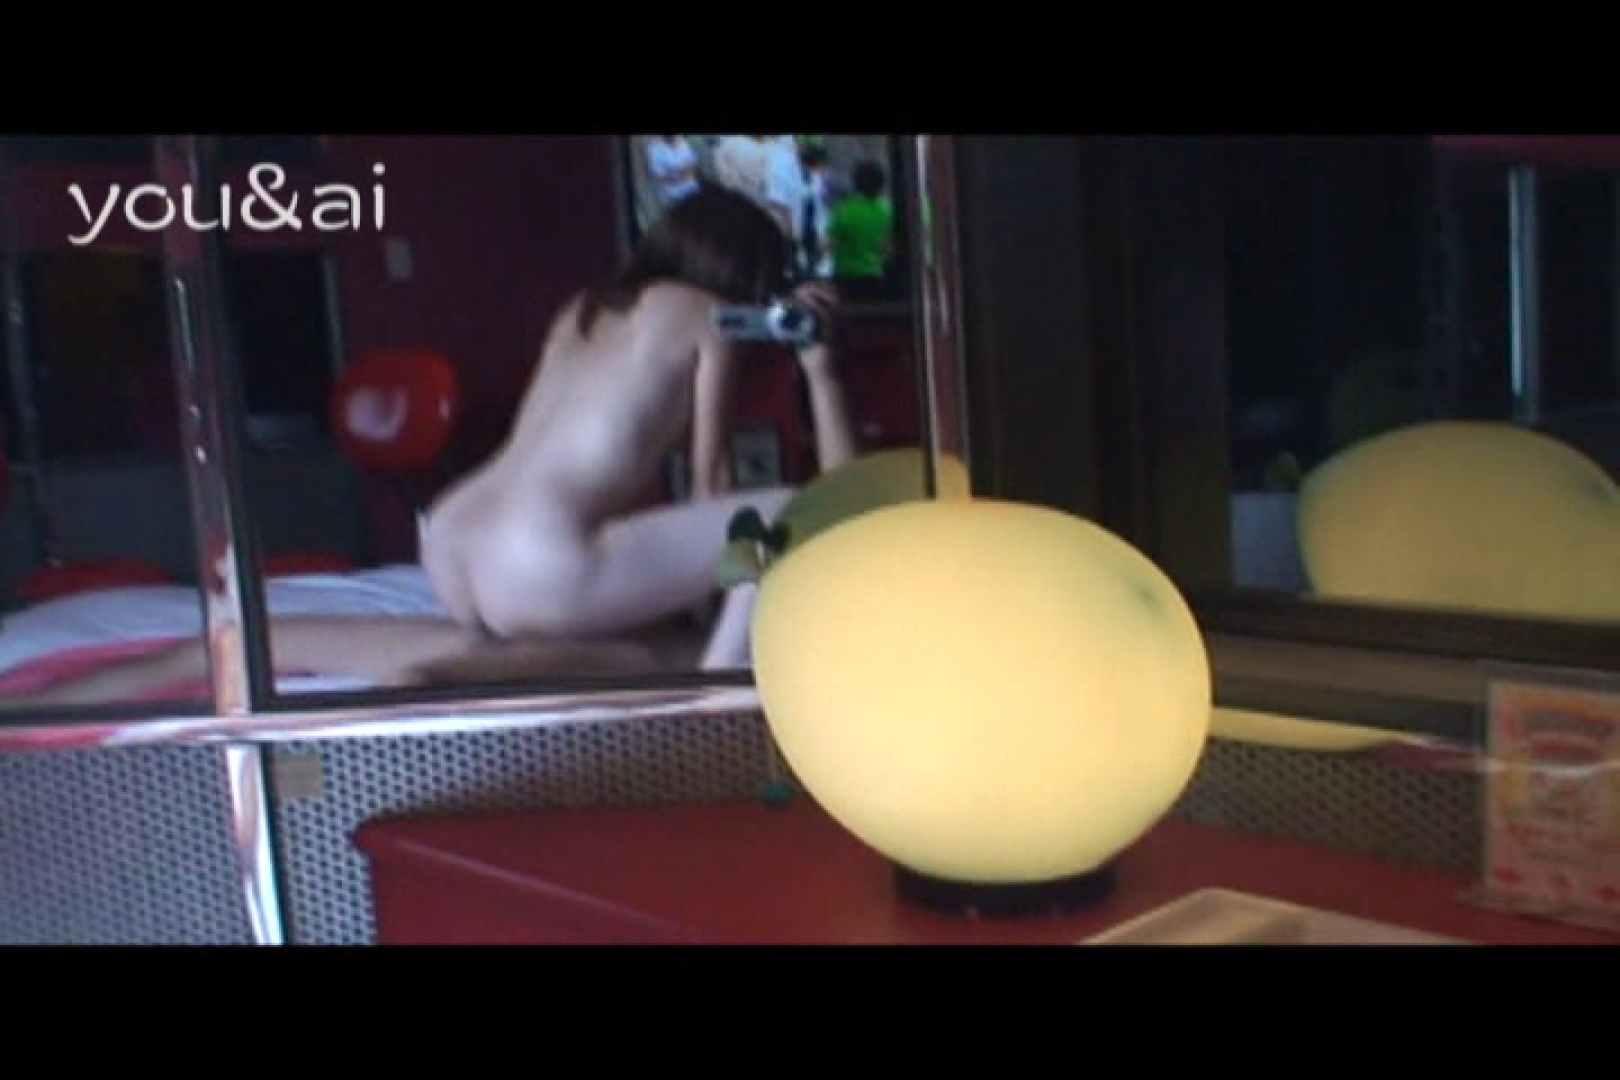 おしどり夫婦のyou&aiさん投稿作品vol.5 リアルSEX セックス無修正動画無料 68PIX 10